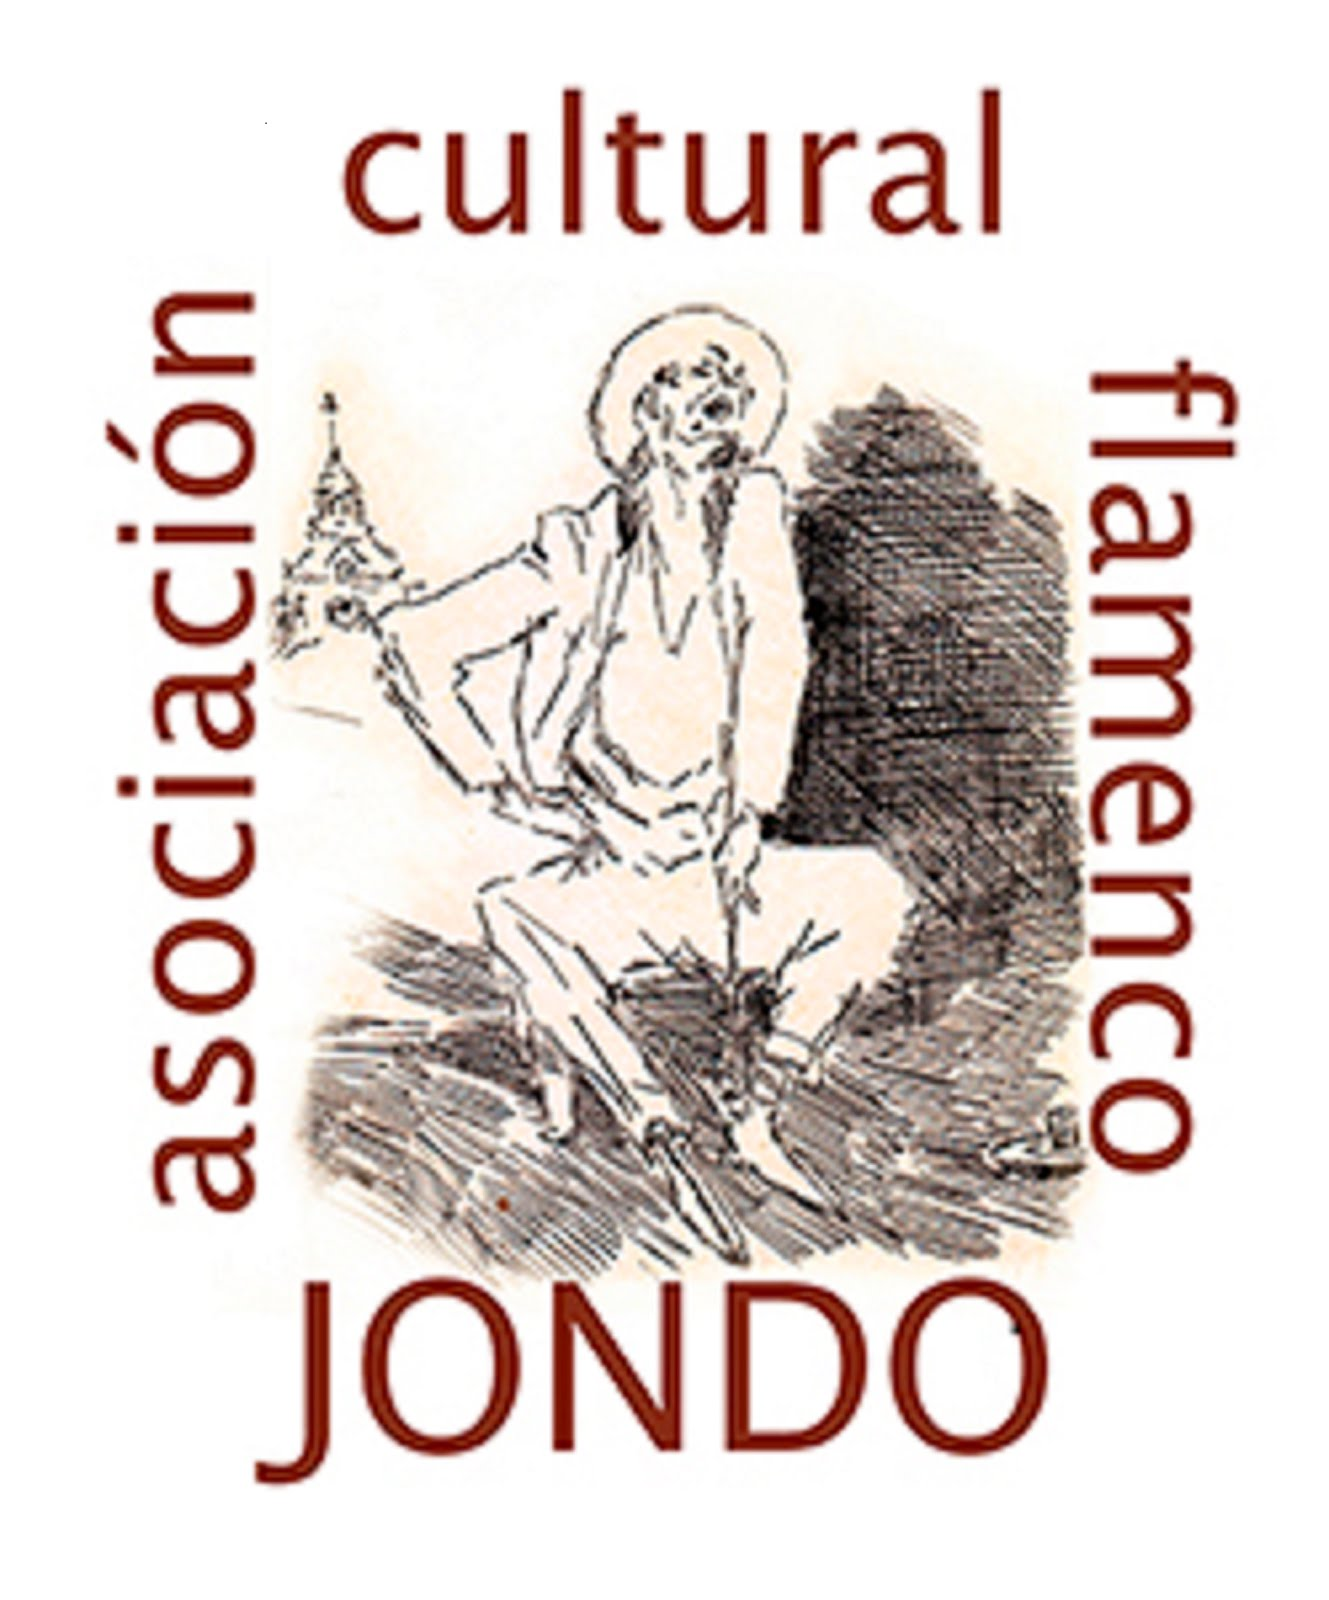 ASOCIACIÓN CULTURAL FLAMENCO JONDO